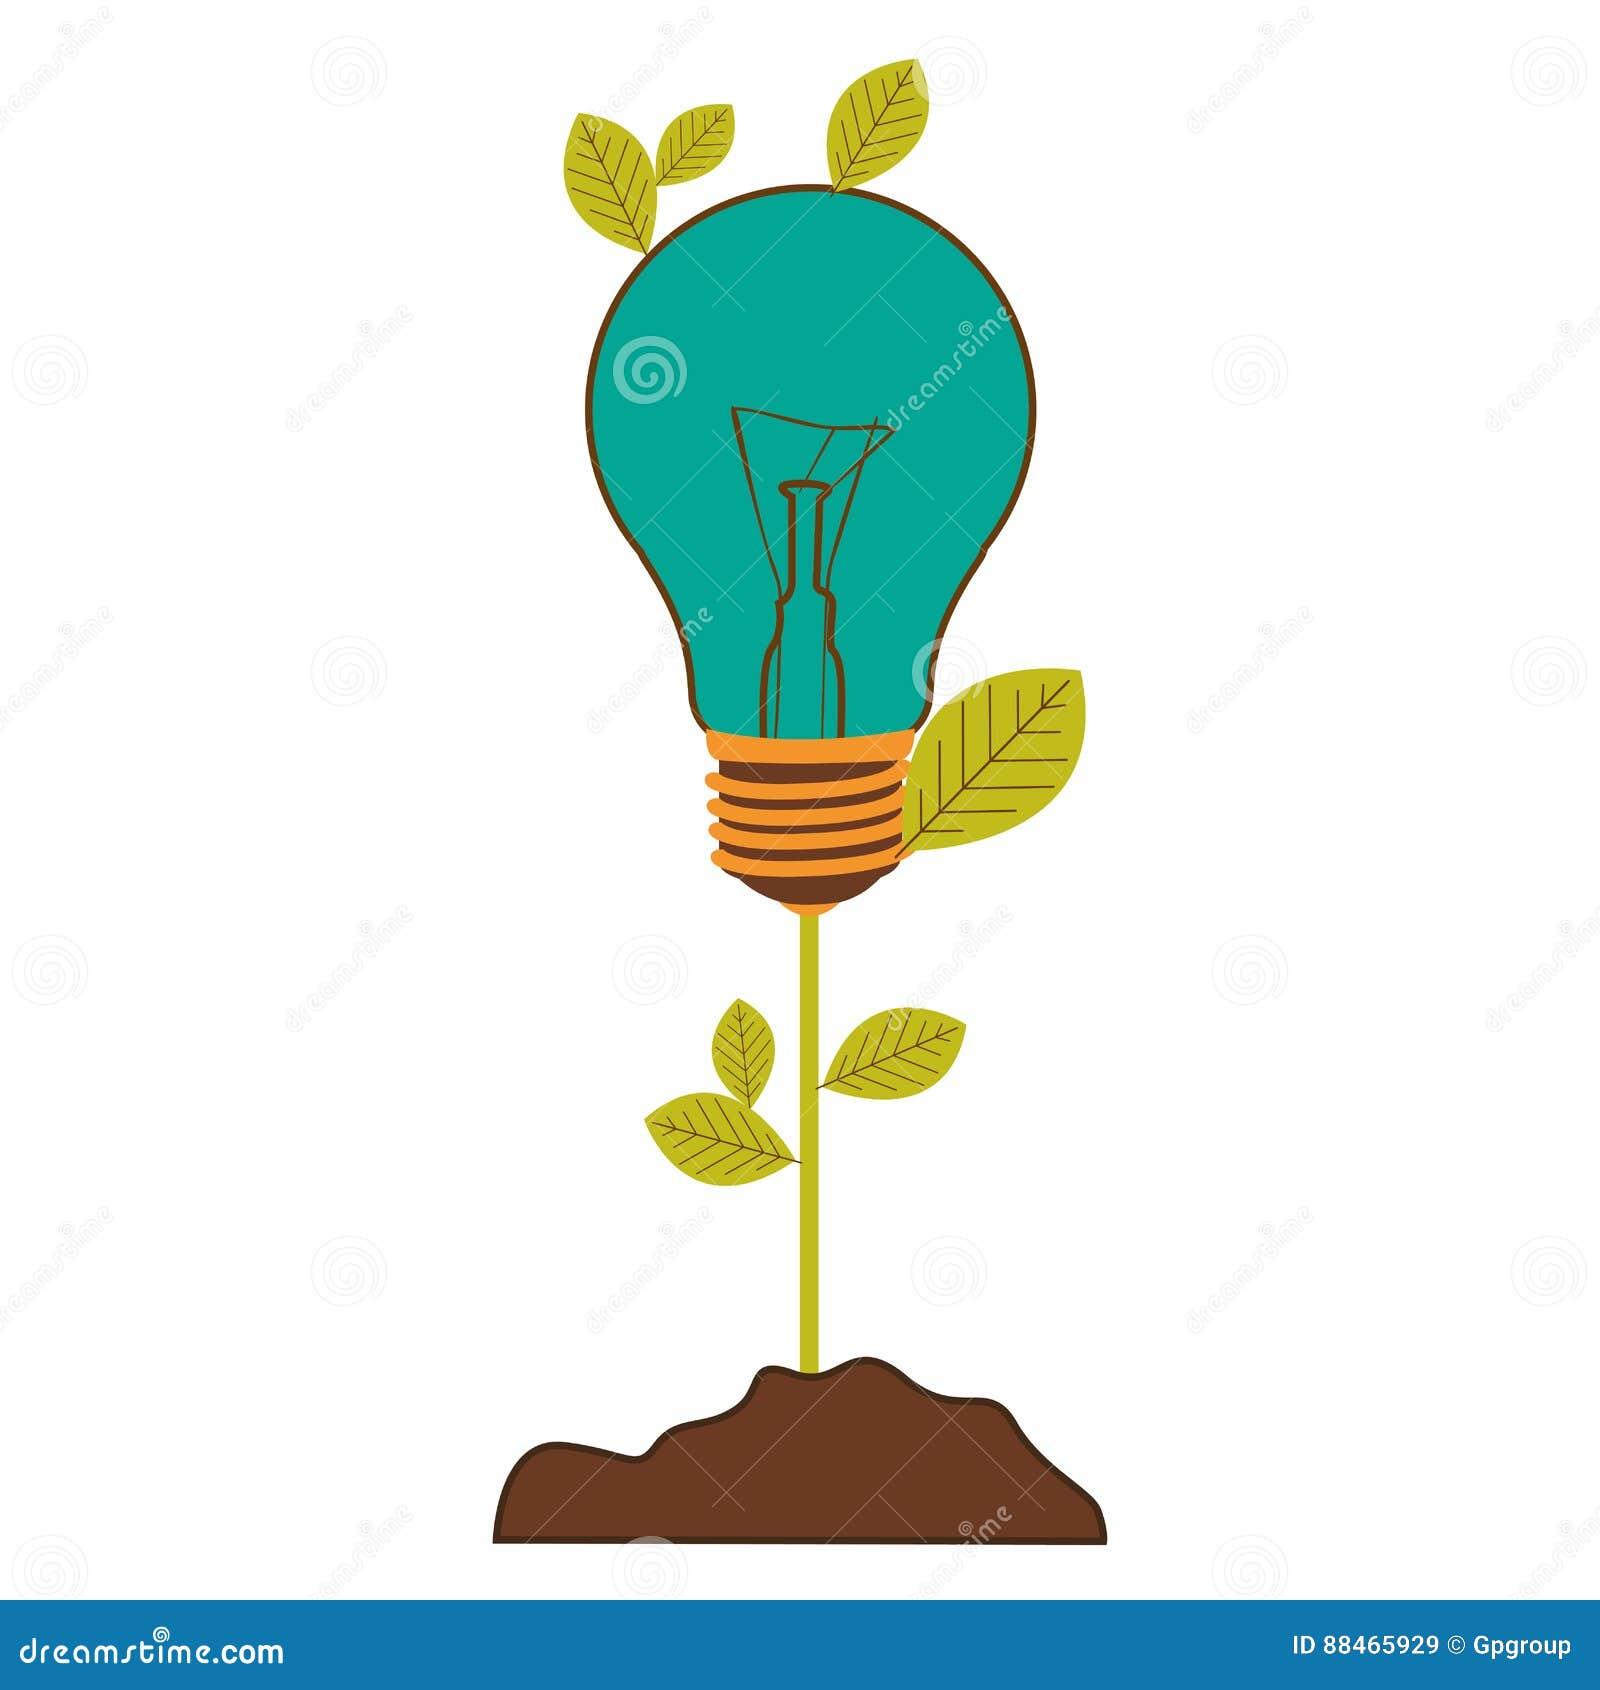 Pflanzen Sie Stamm mit Blättern und Glühbirne mit hellem Türkis